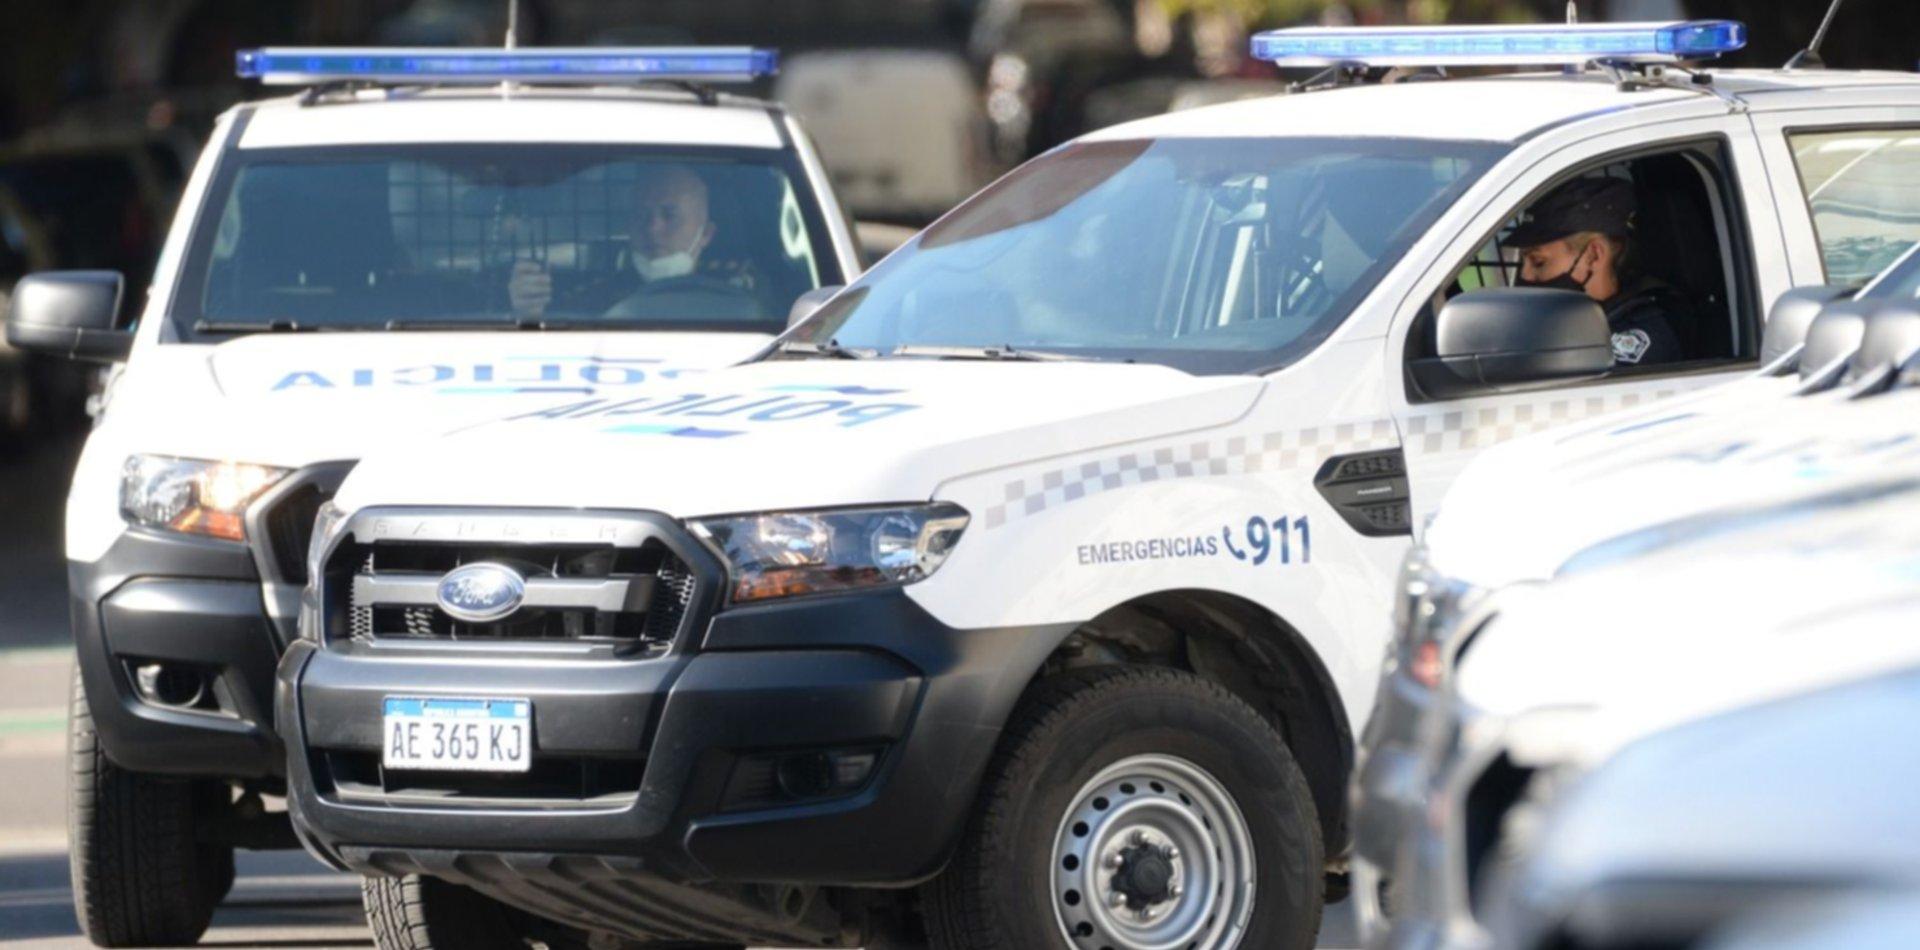 Pesadilla para un abogado y dos nenes de 11 años durante una brutal entradera en La Plata